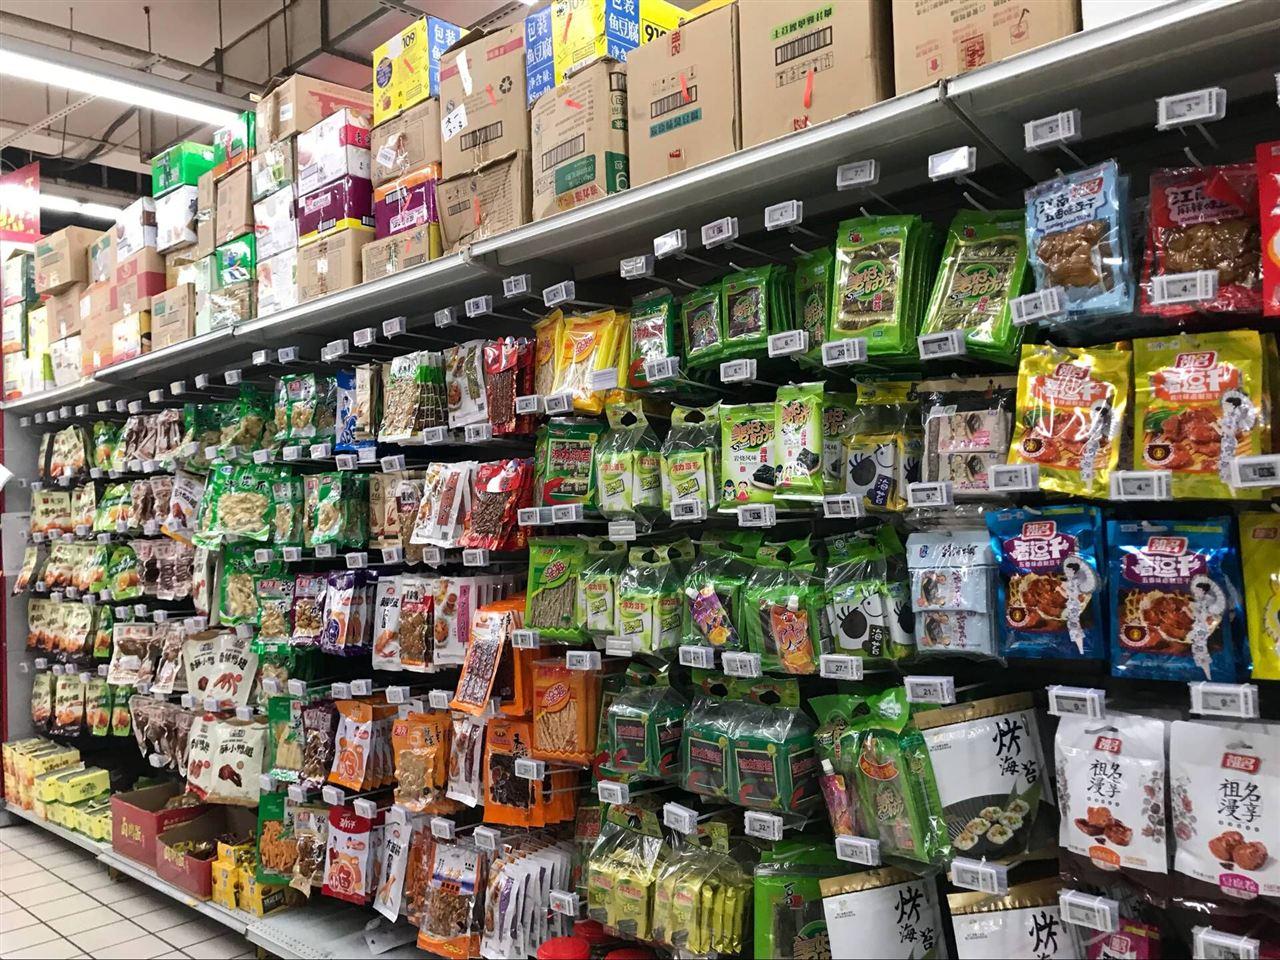 进口食品成年货市场新宠 快速检测仪护力餐桌安全